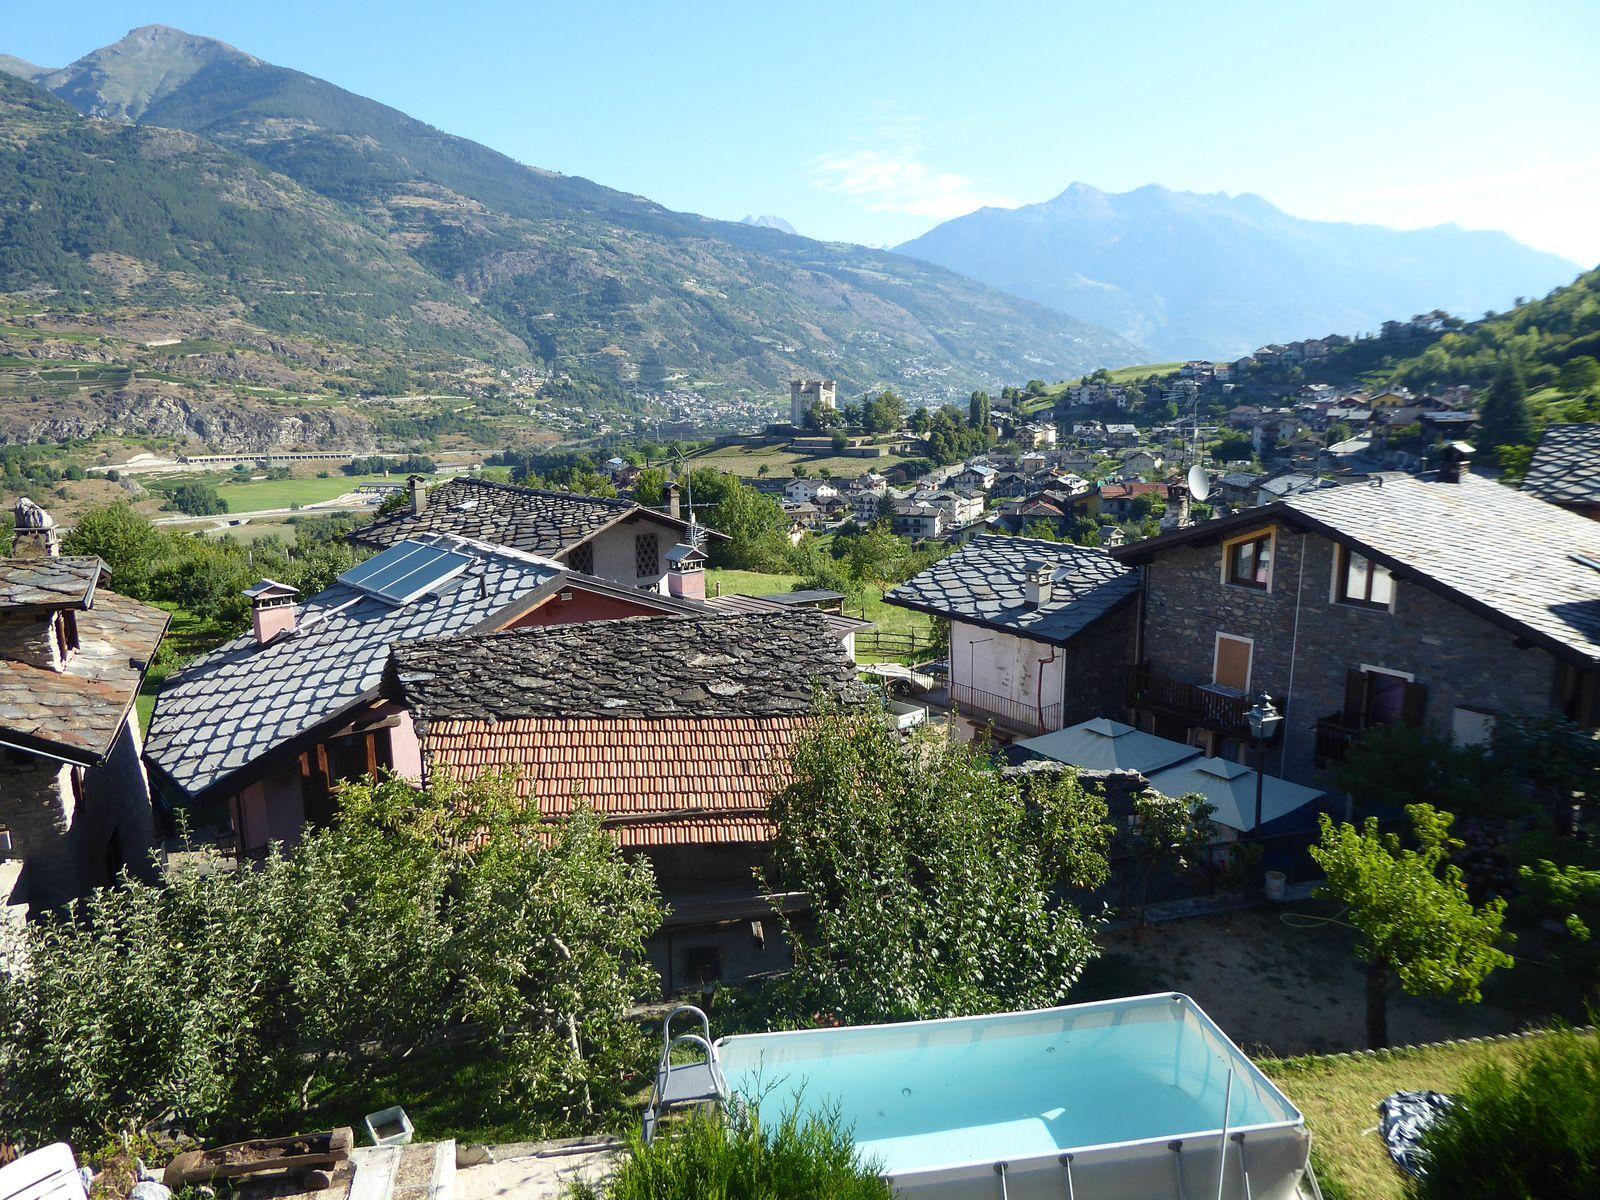 Jeudi 6 août 2020 - J18 - Le Val d'Aoste puis ... La Reposière